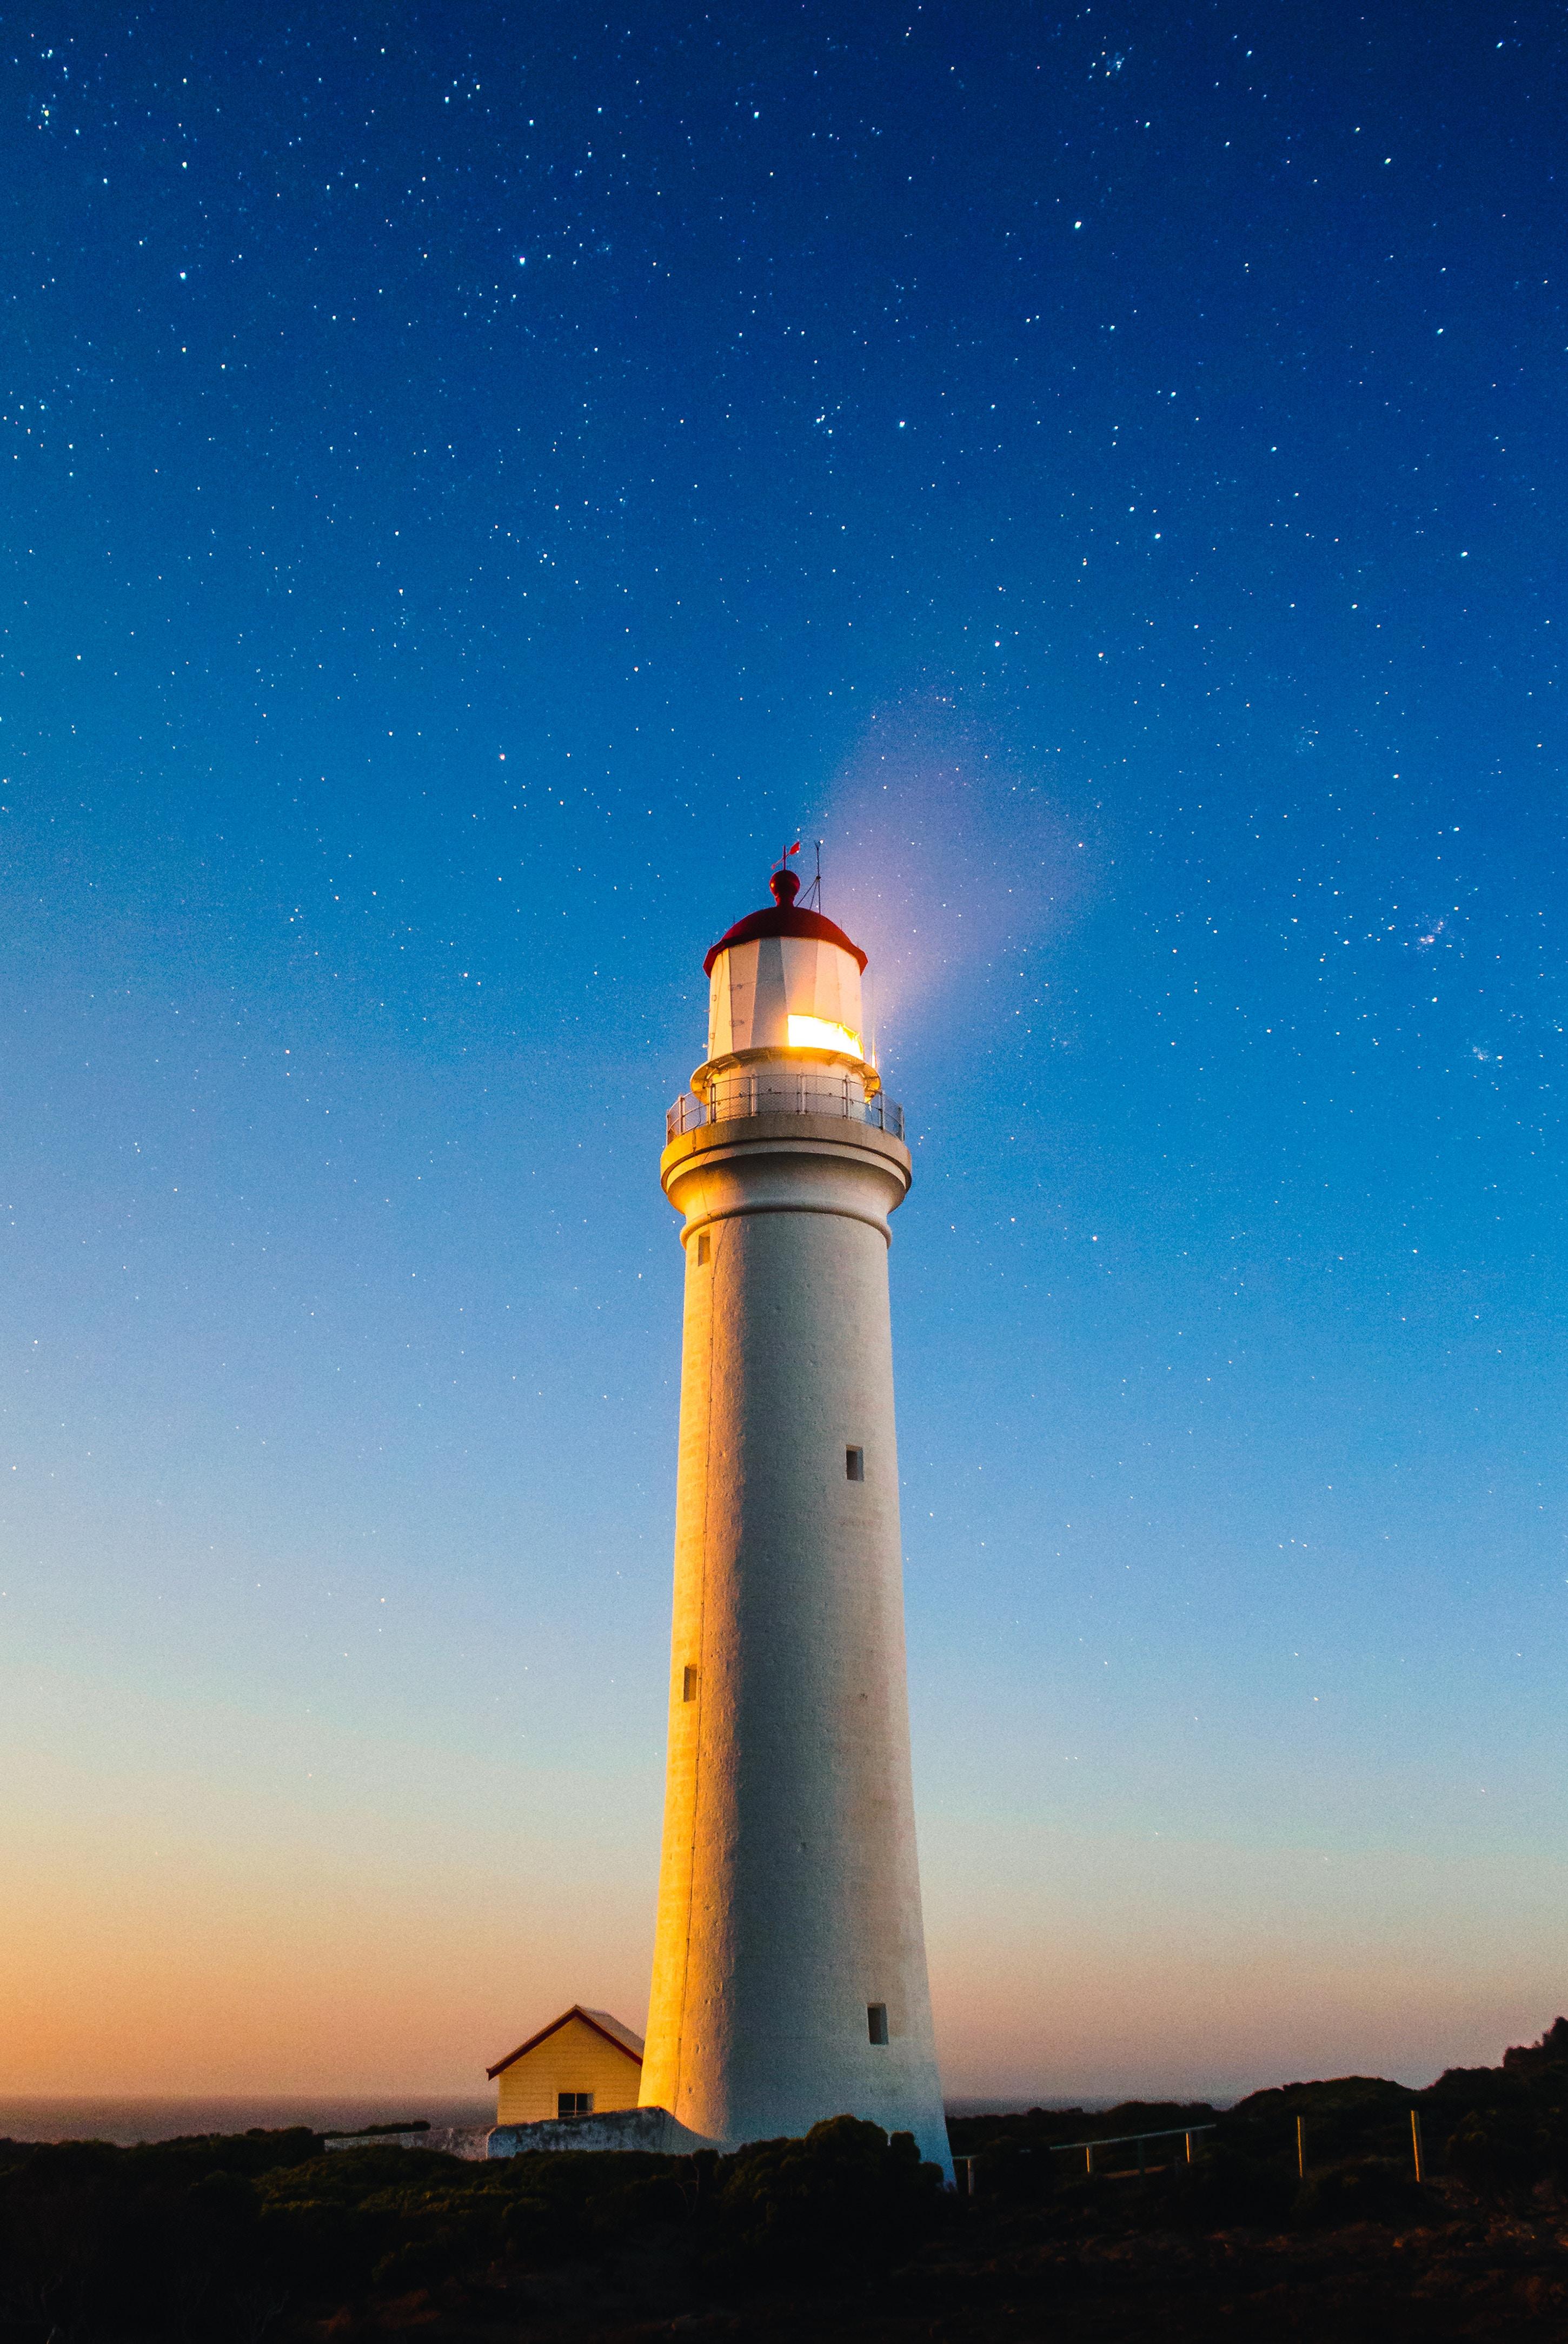 100137 Hintergrundbild herunterladen Natur, Sternenhimmel, Leuchtturm, Australien, Portland, Leuchtturm Von Cape Nelson, Cape Nelson Lighthouse - Bildschirmschoner und Bilder kostenlos